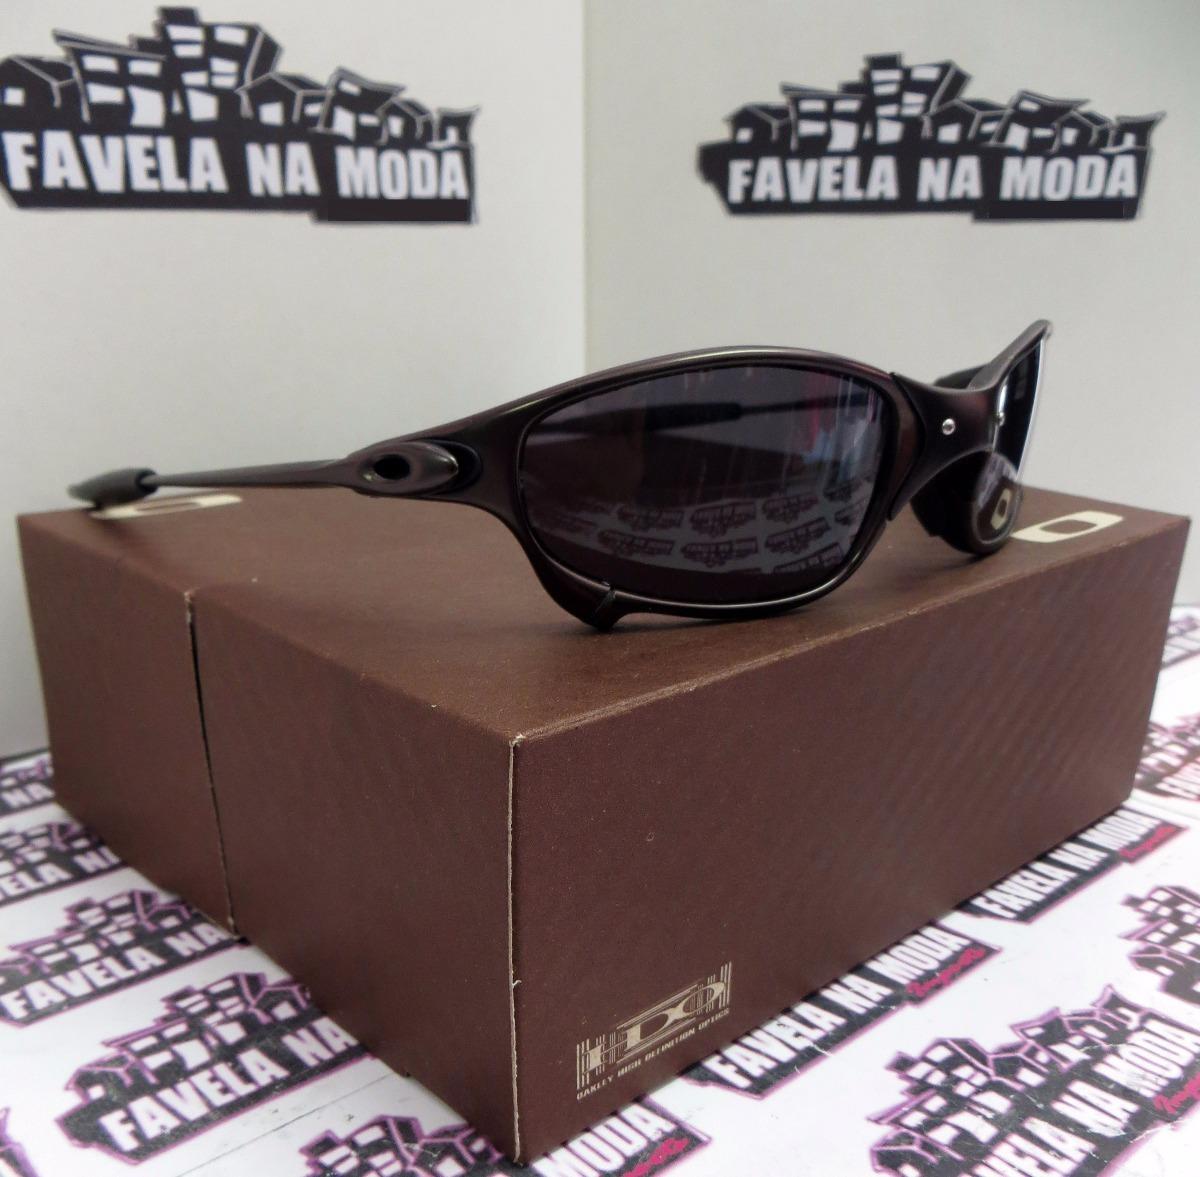 f526715c88913 óculos oakley juliet carbon   black + par de lentes. Carregando zoom.